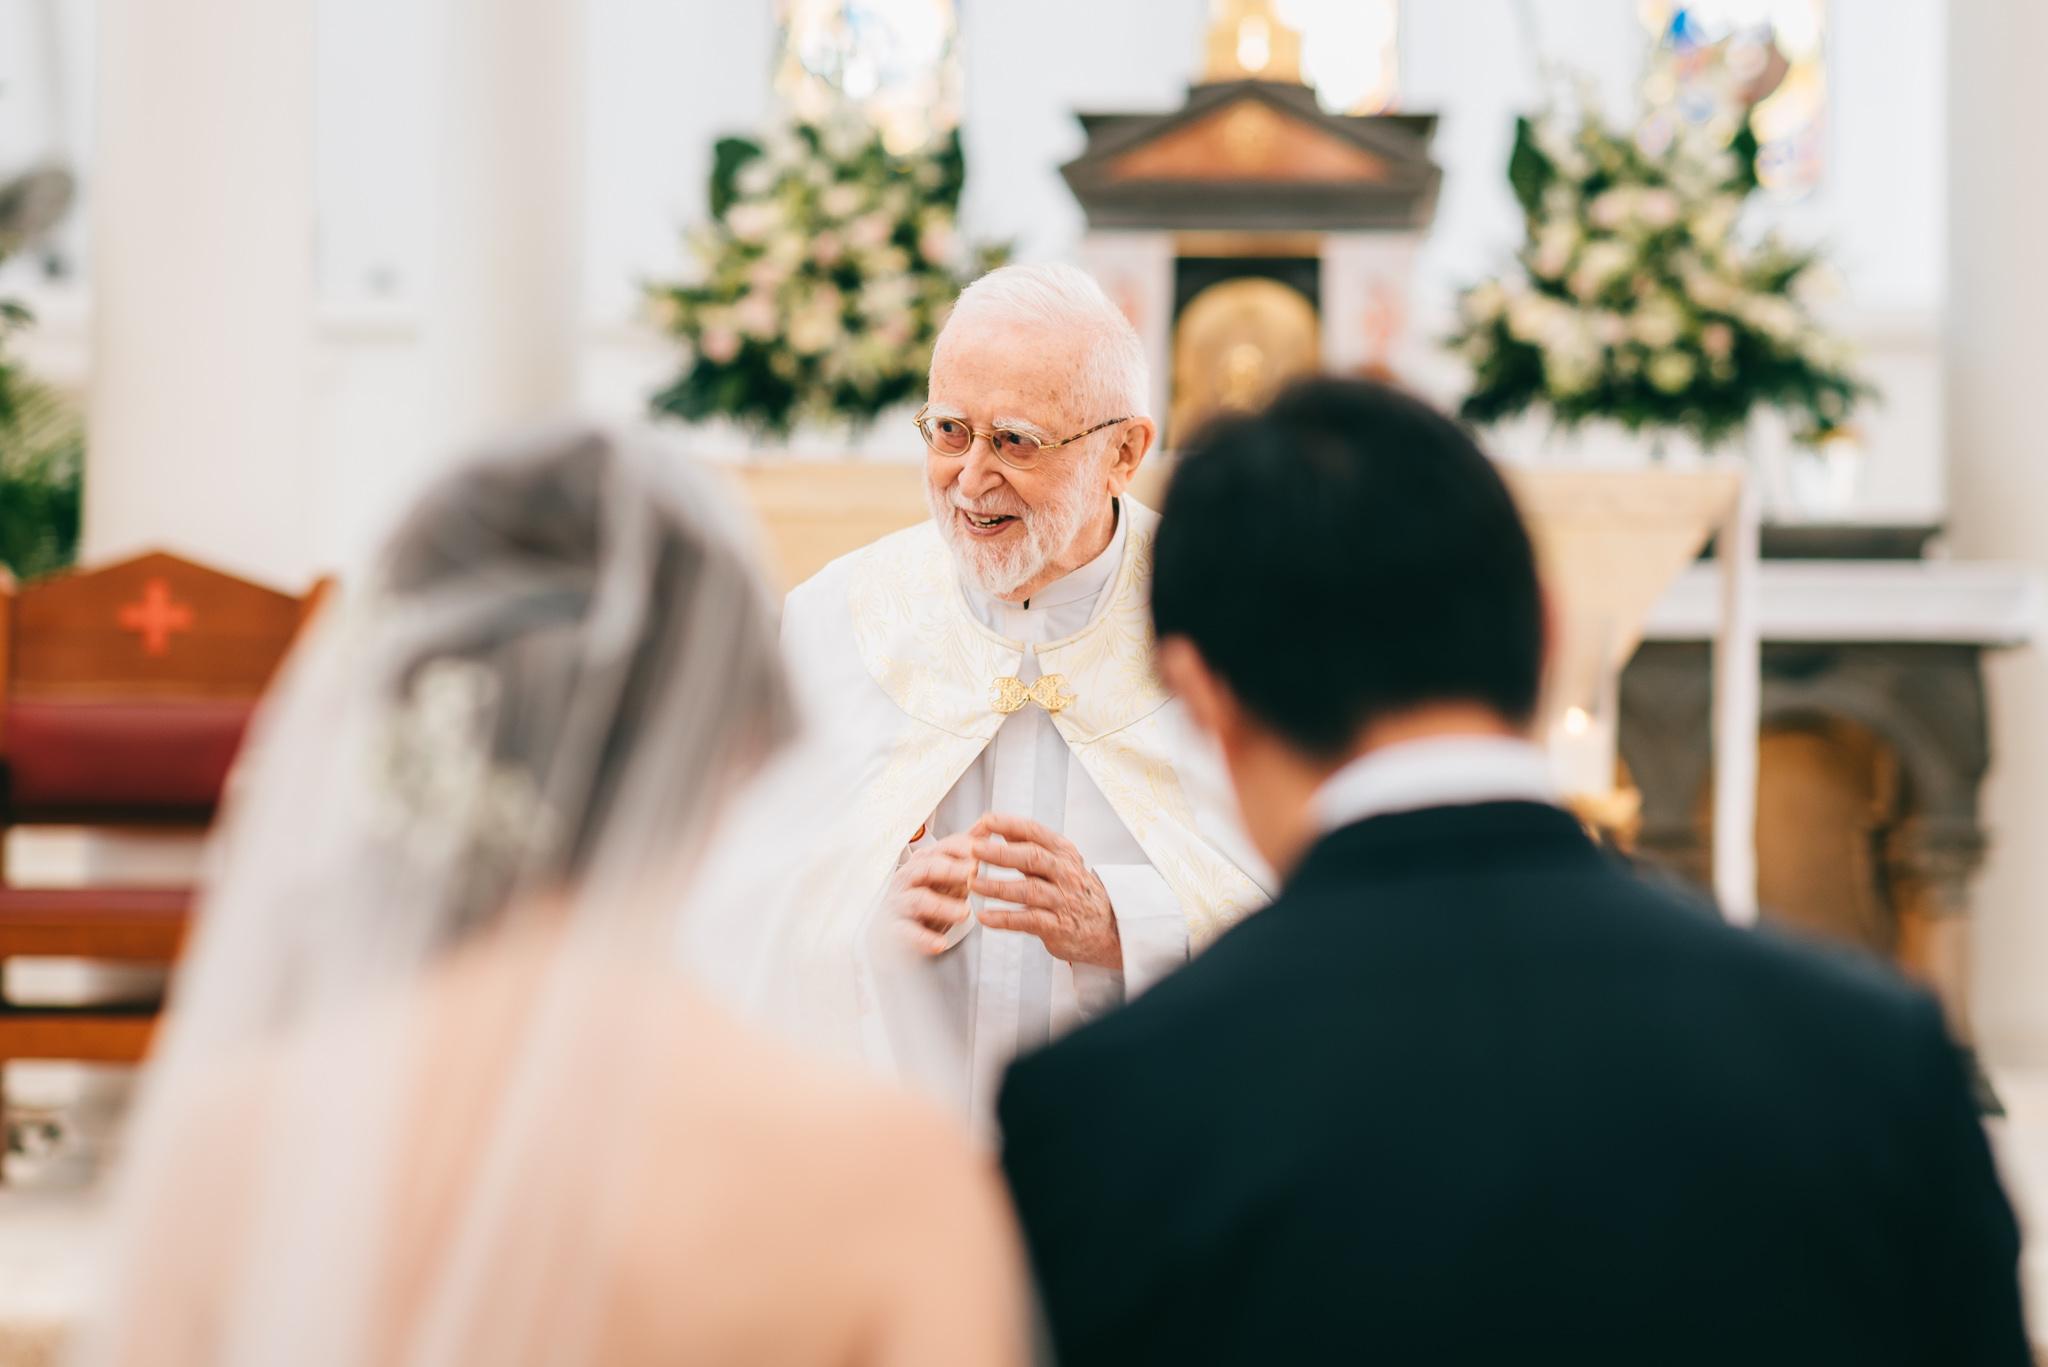 Lionel & Karen Wedding Day Highlights (resized for sharing) - 054.jpg